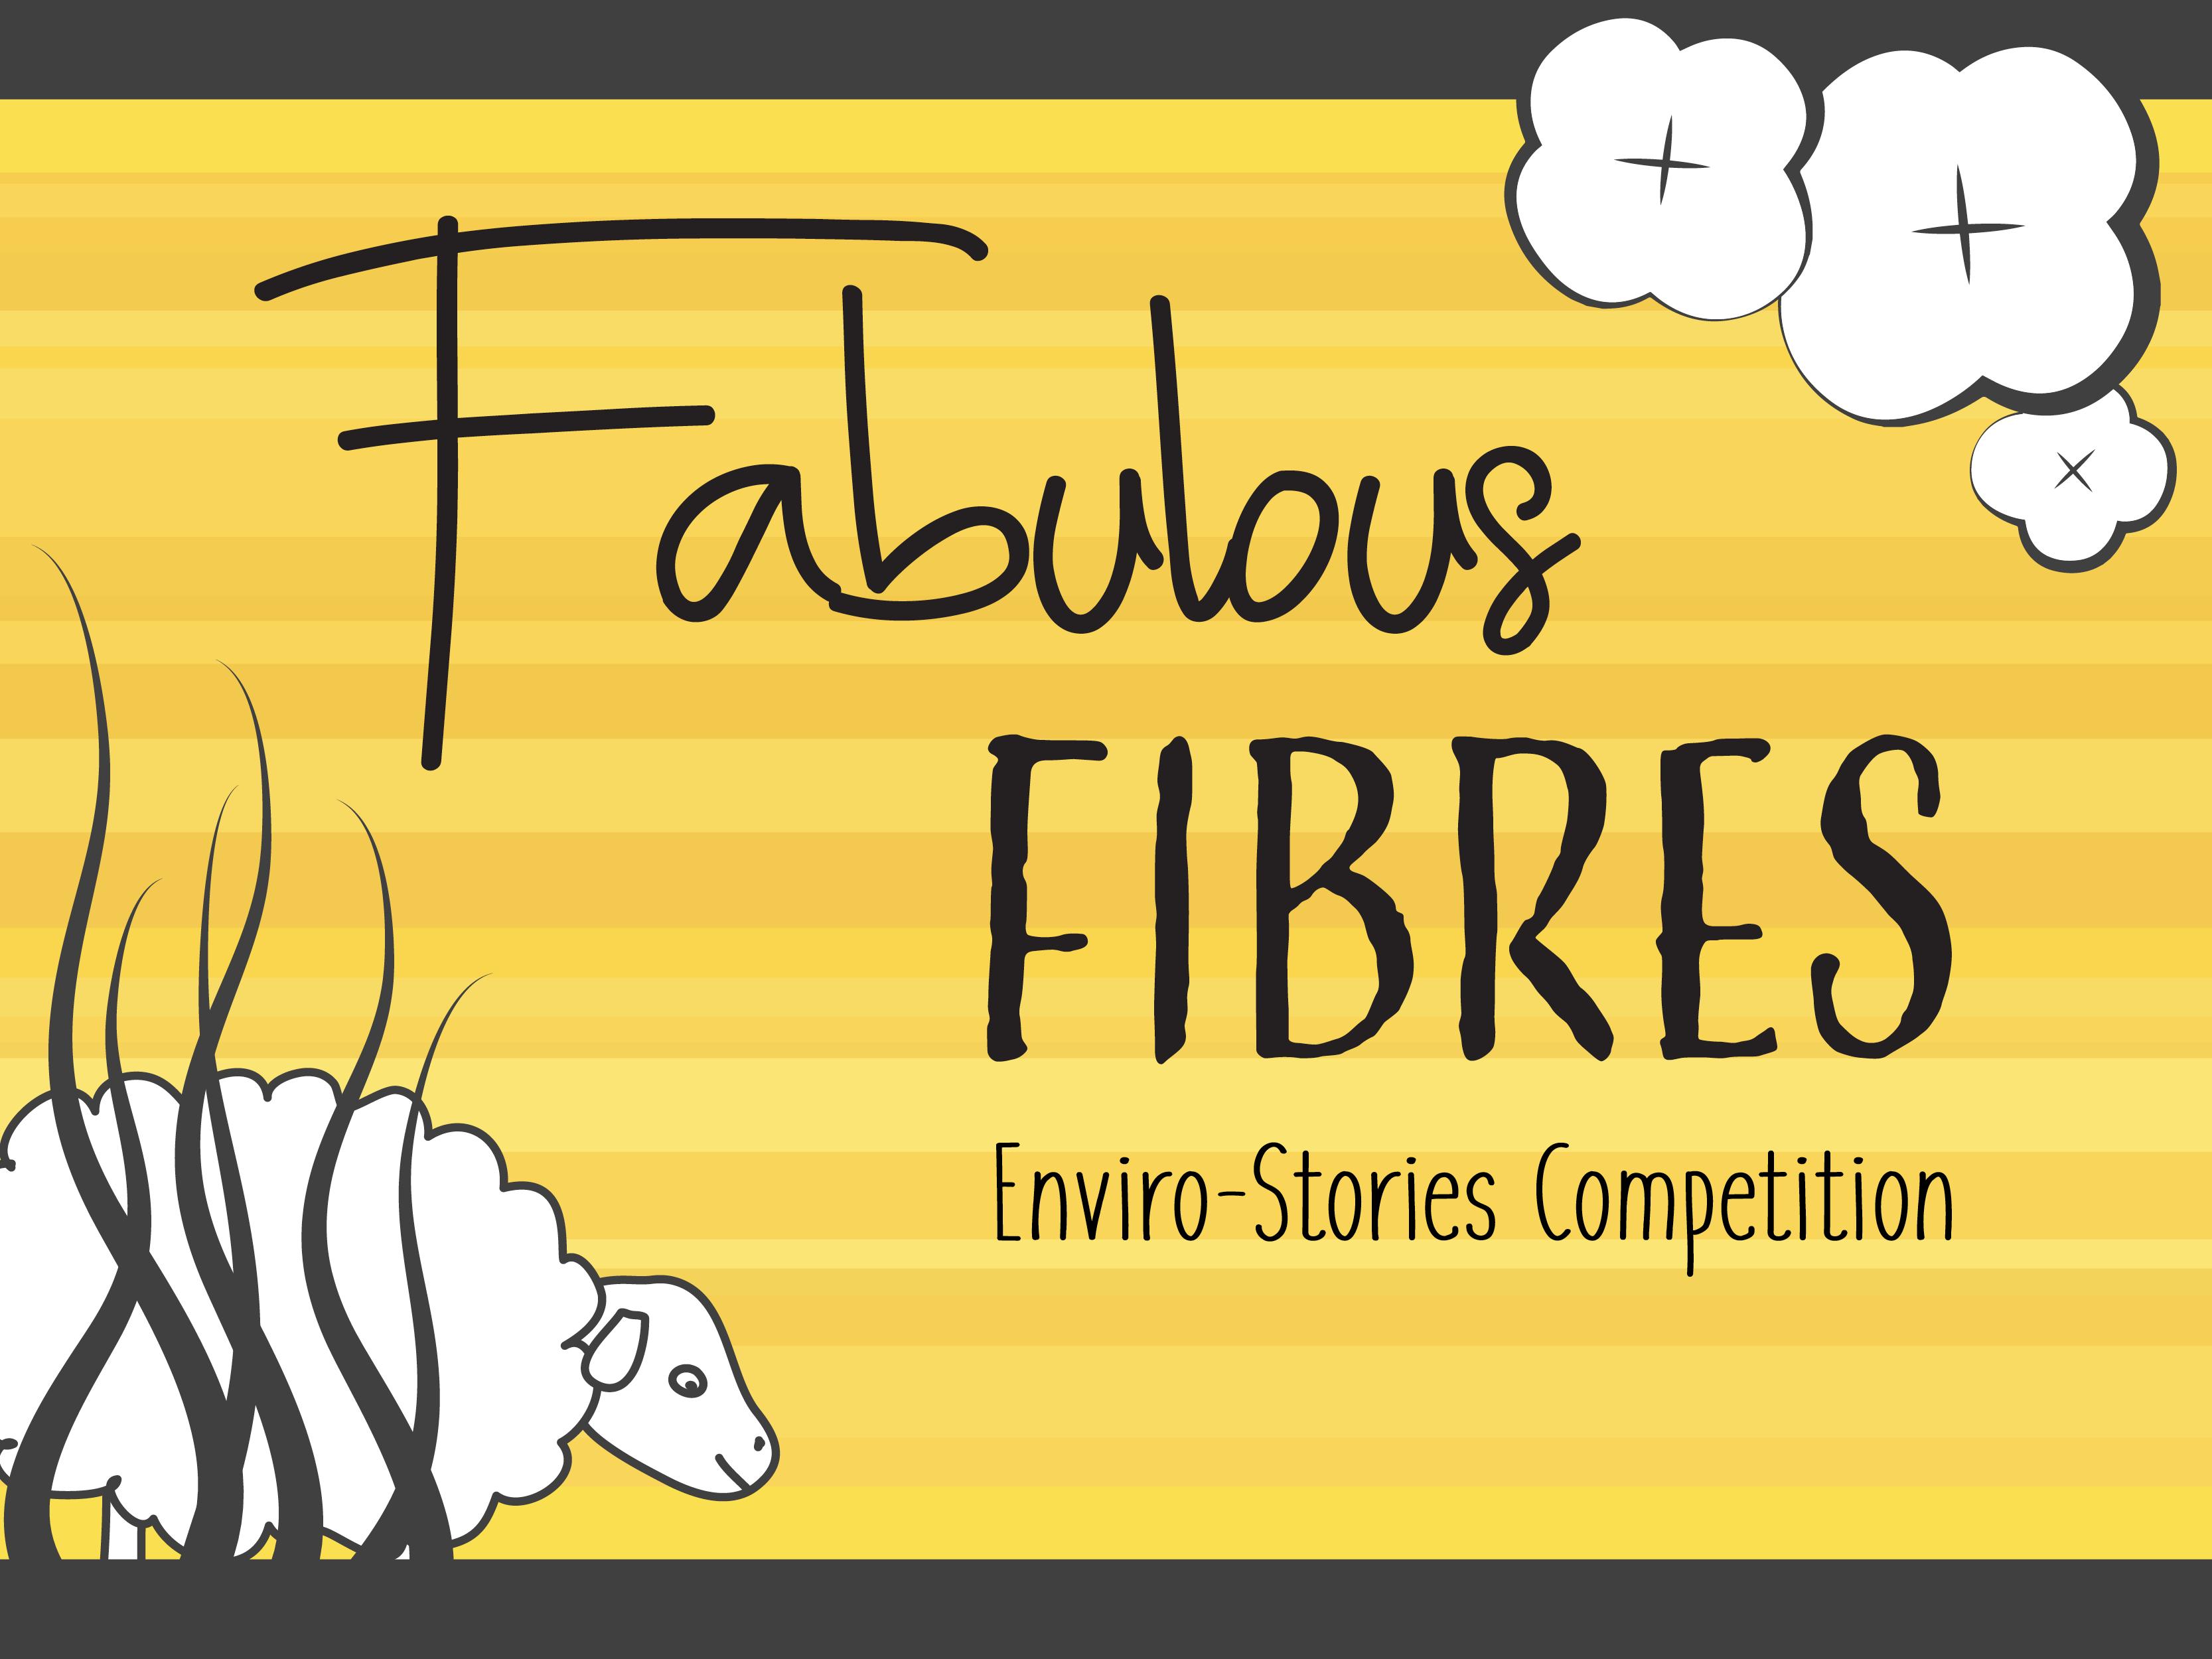 Fabulous Fibres Enviro-Stories Competition 2021